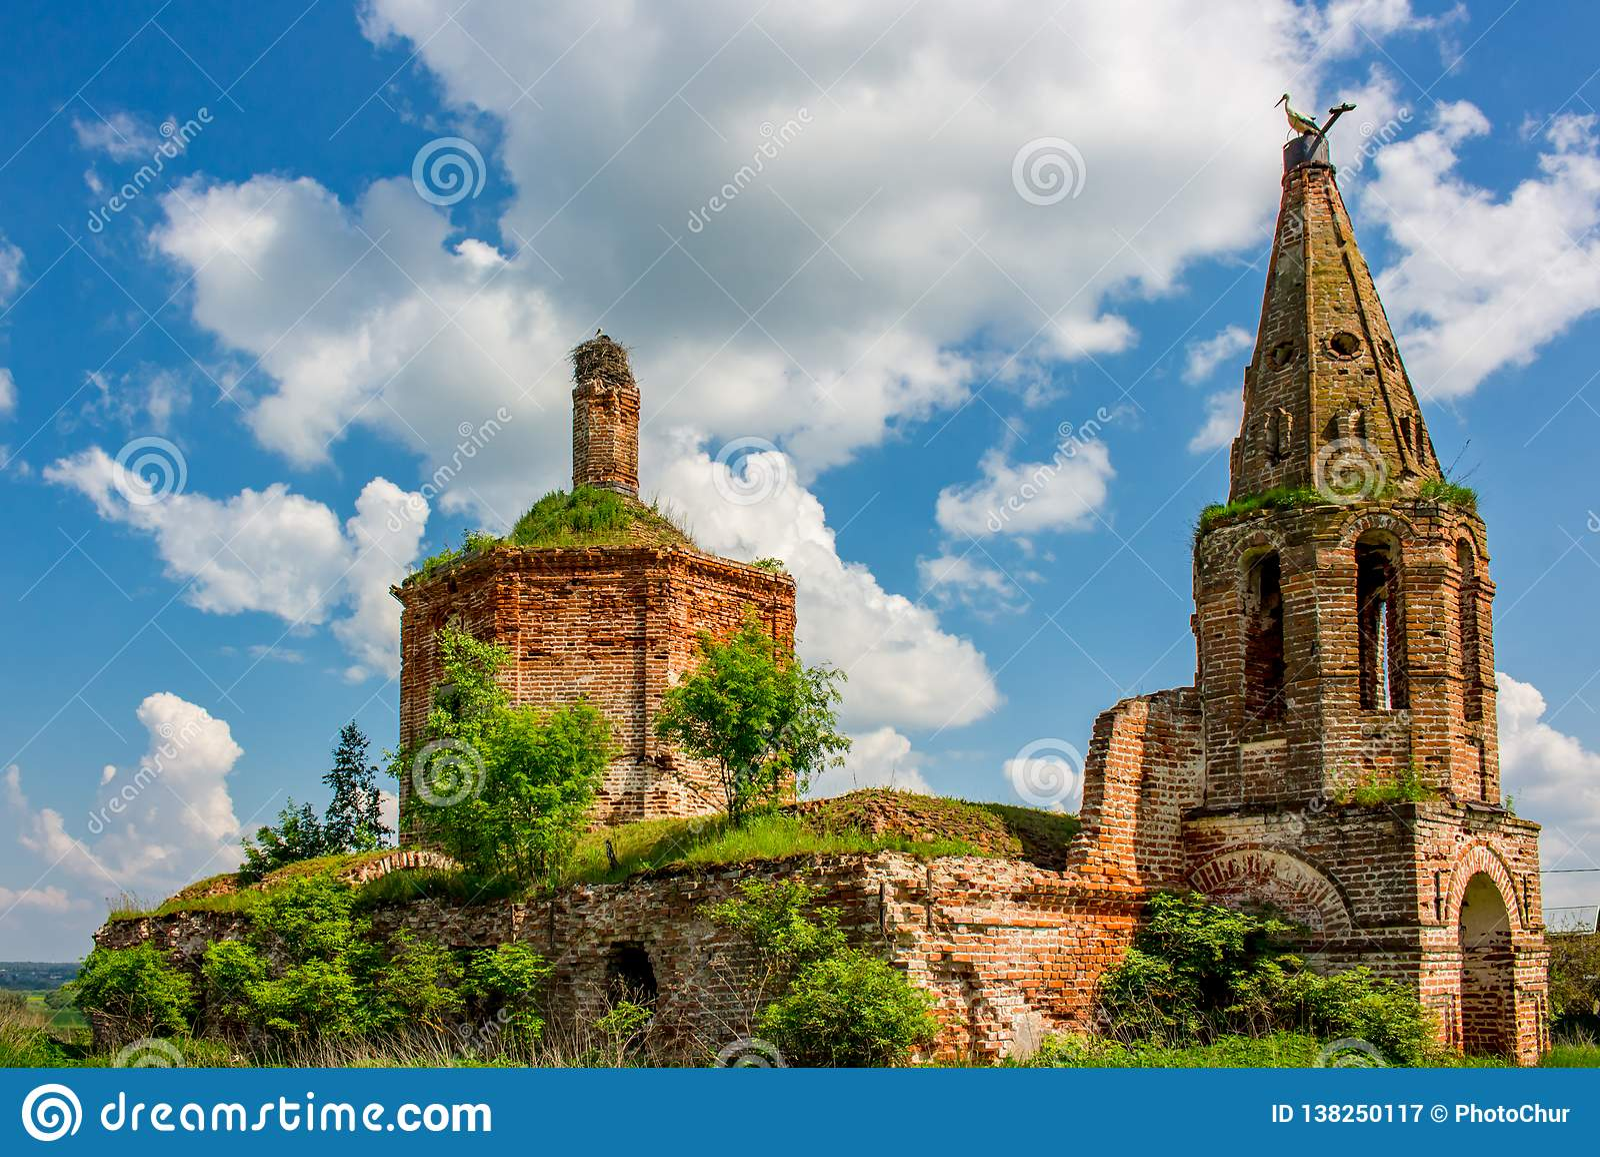 Ruines de l église abandonnée de St John l évangéliste du XVIIIème siècle